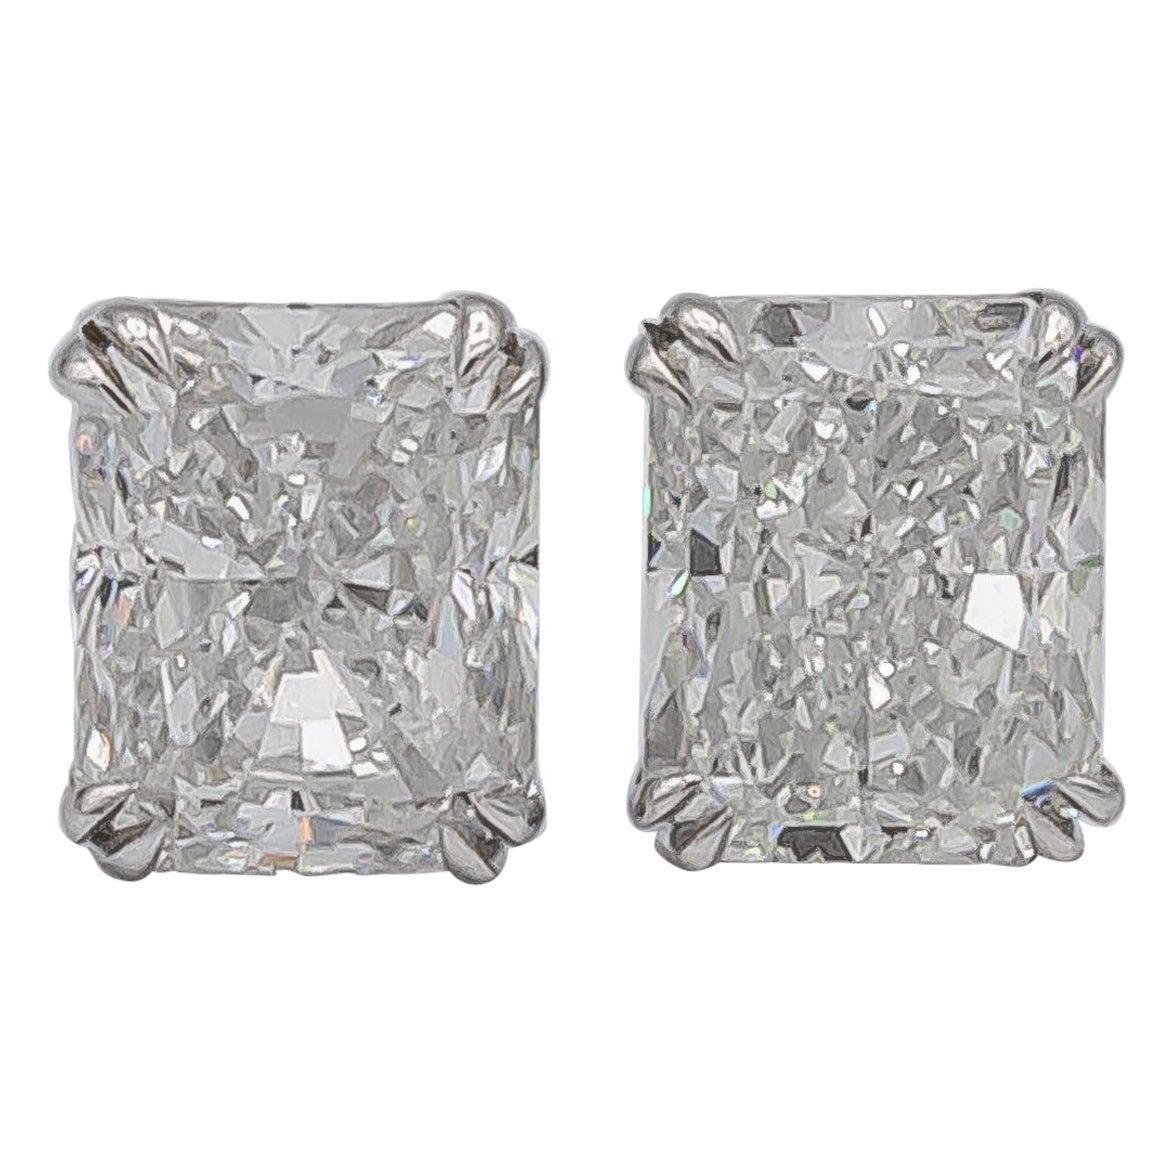 GIA Certified Diamond Stud Earrings 1 Carat Each